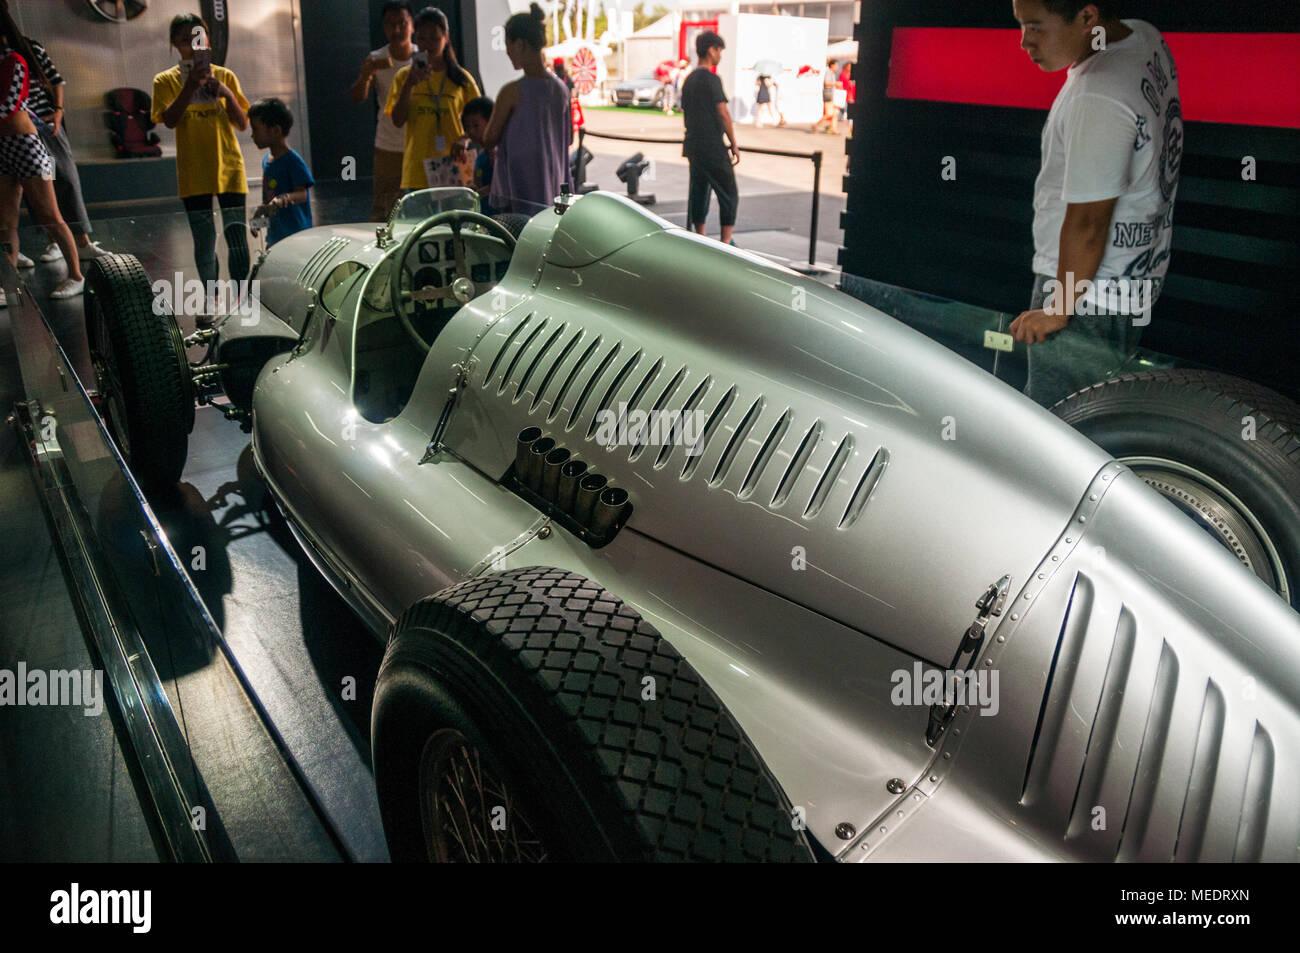 Chinesische Besucher die Prüfung des Auto Union Typ D 1938 Grand Prix Wagen an einem Audi Sport Event auf dem Shanghai International Circuit. Stockbild